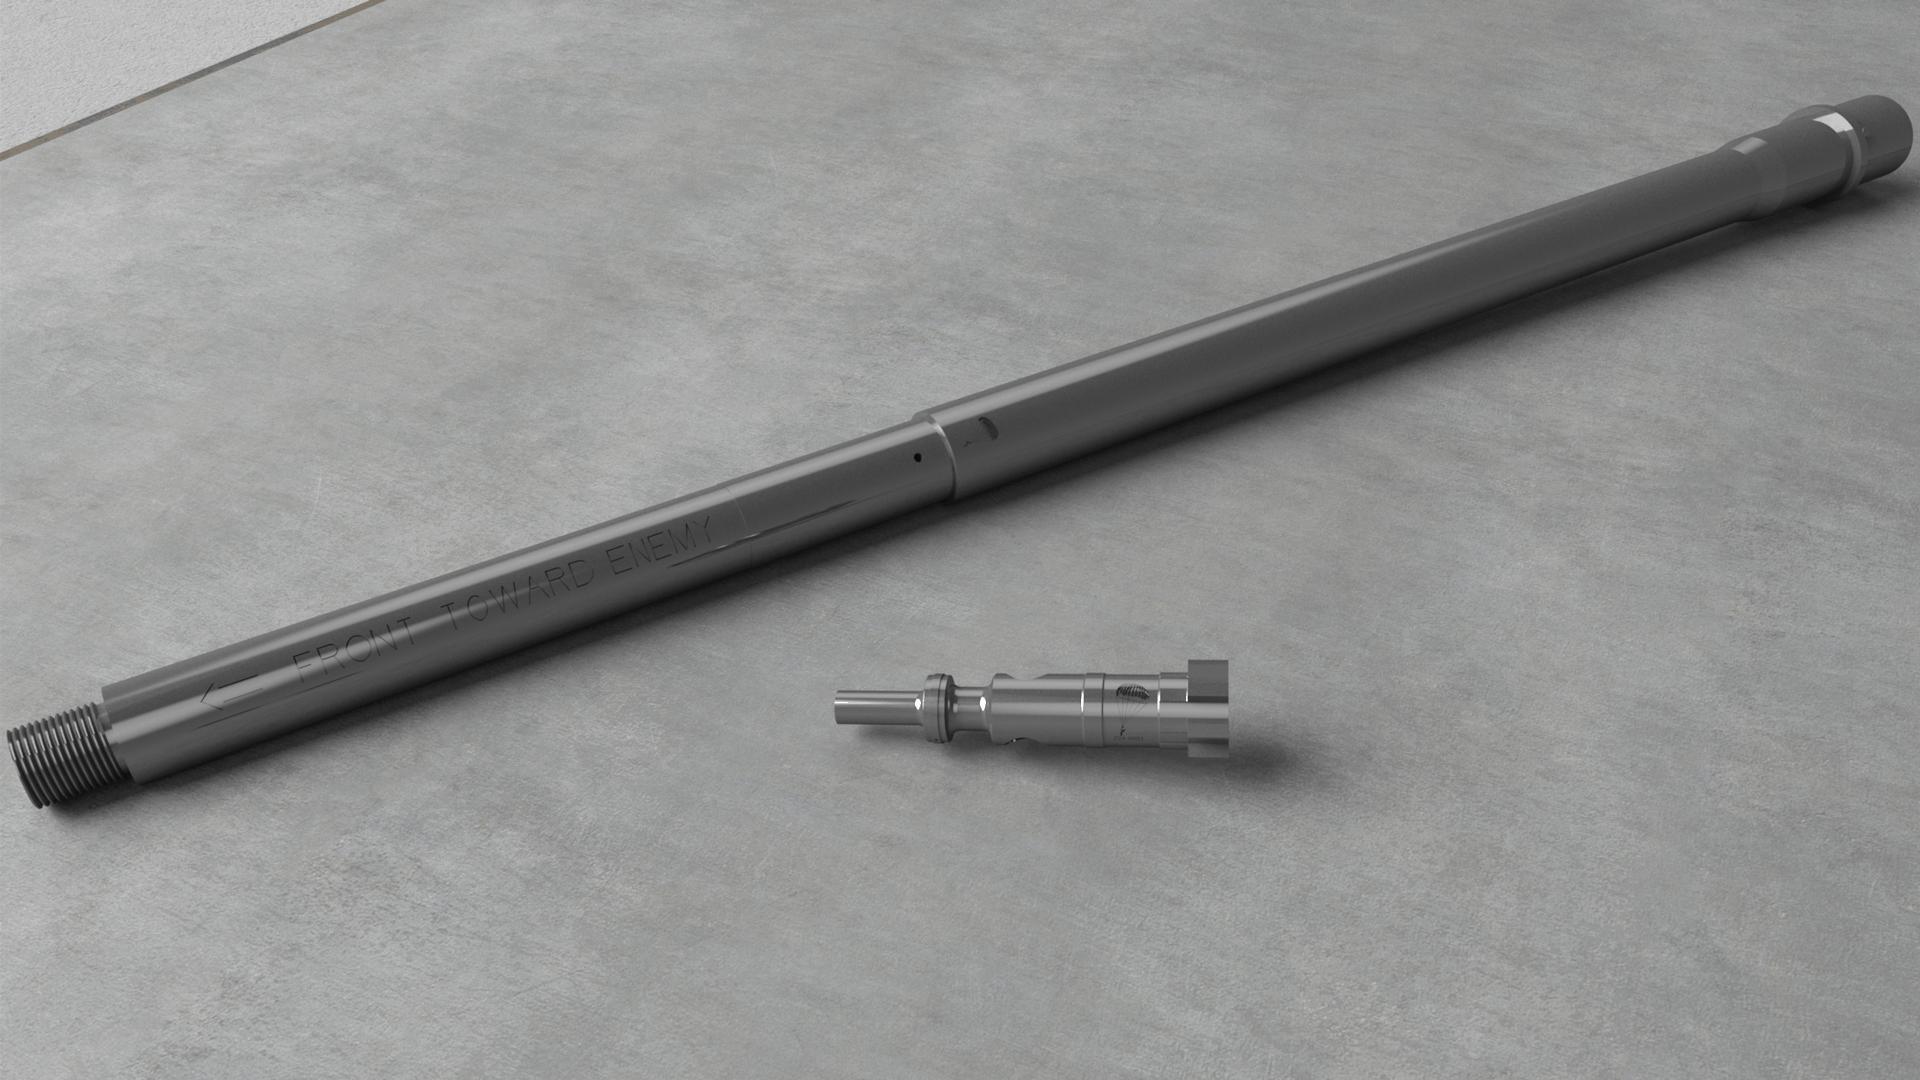 Nouveau calibre pour les AR15 le 224 Valkyrie 51609-rendered-128662_gi